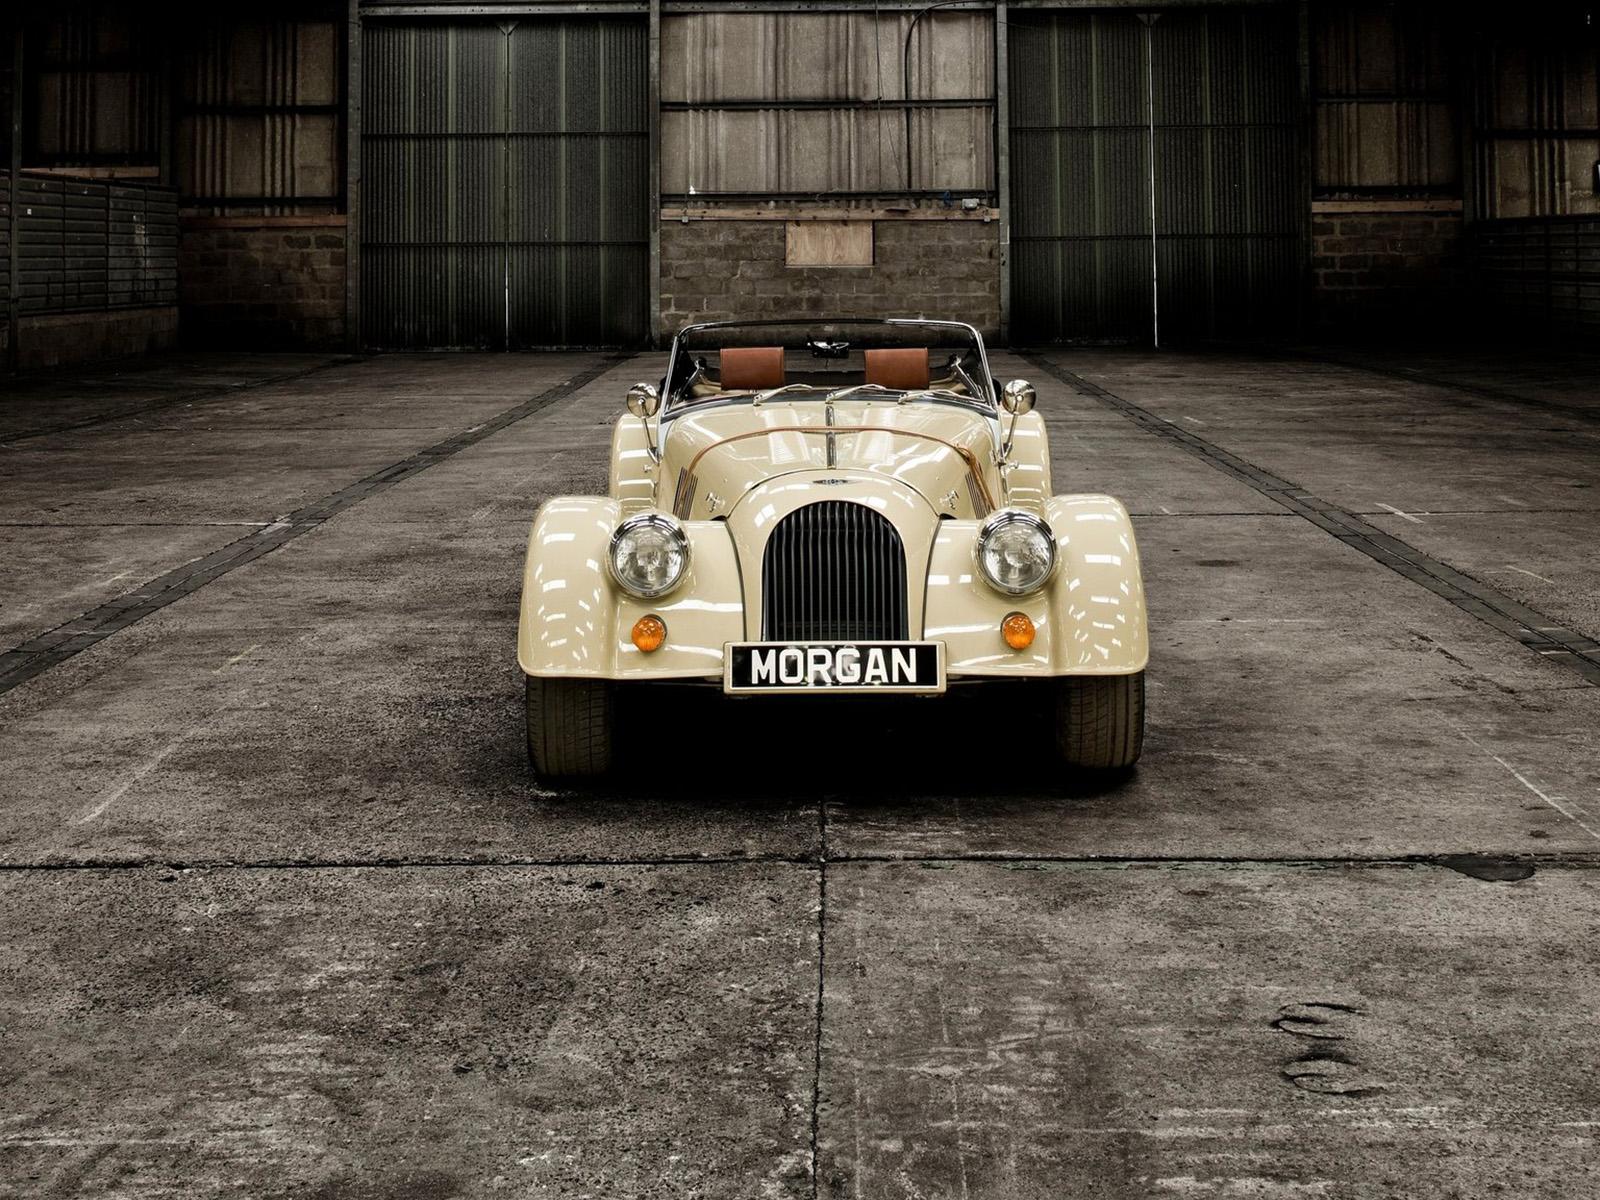 Morgan Roadster exterior